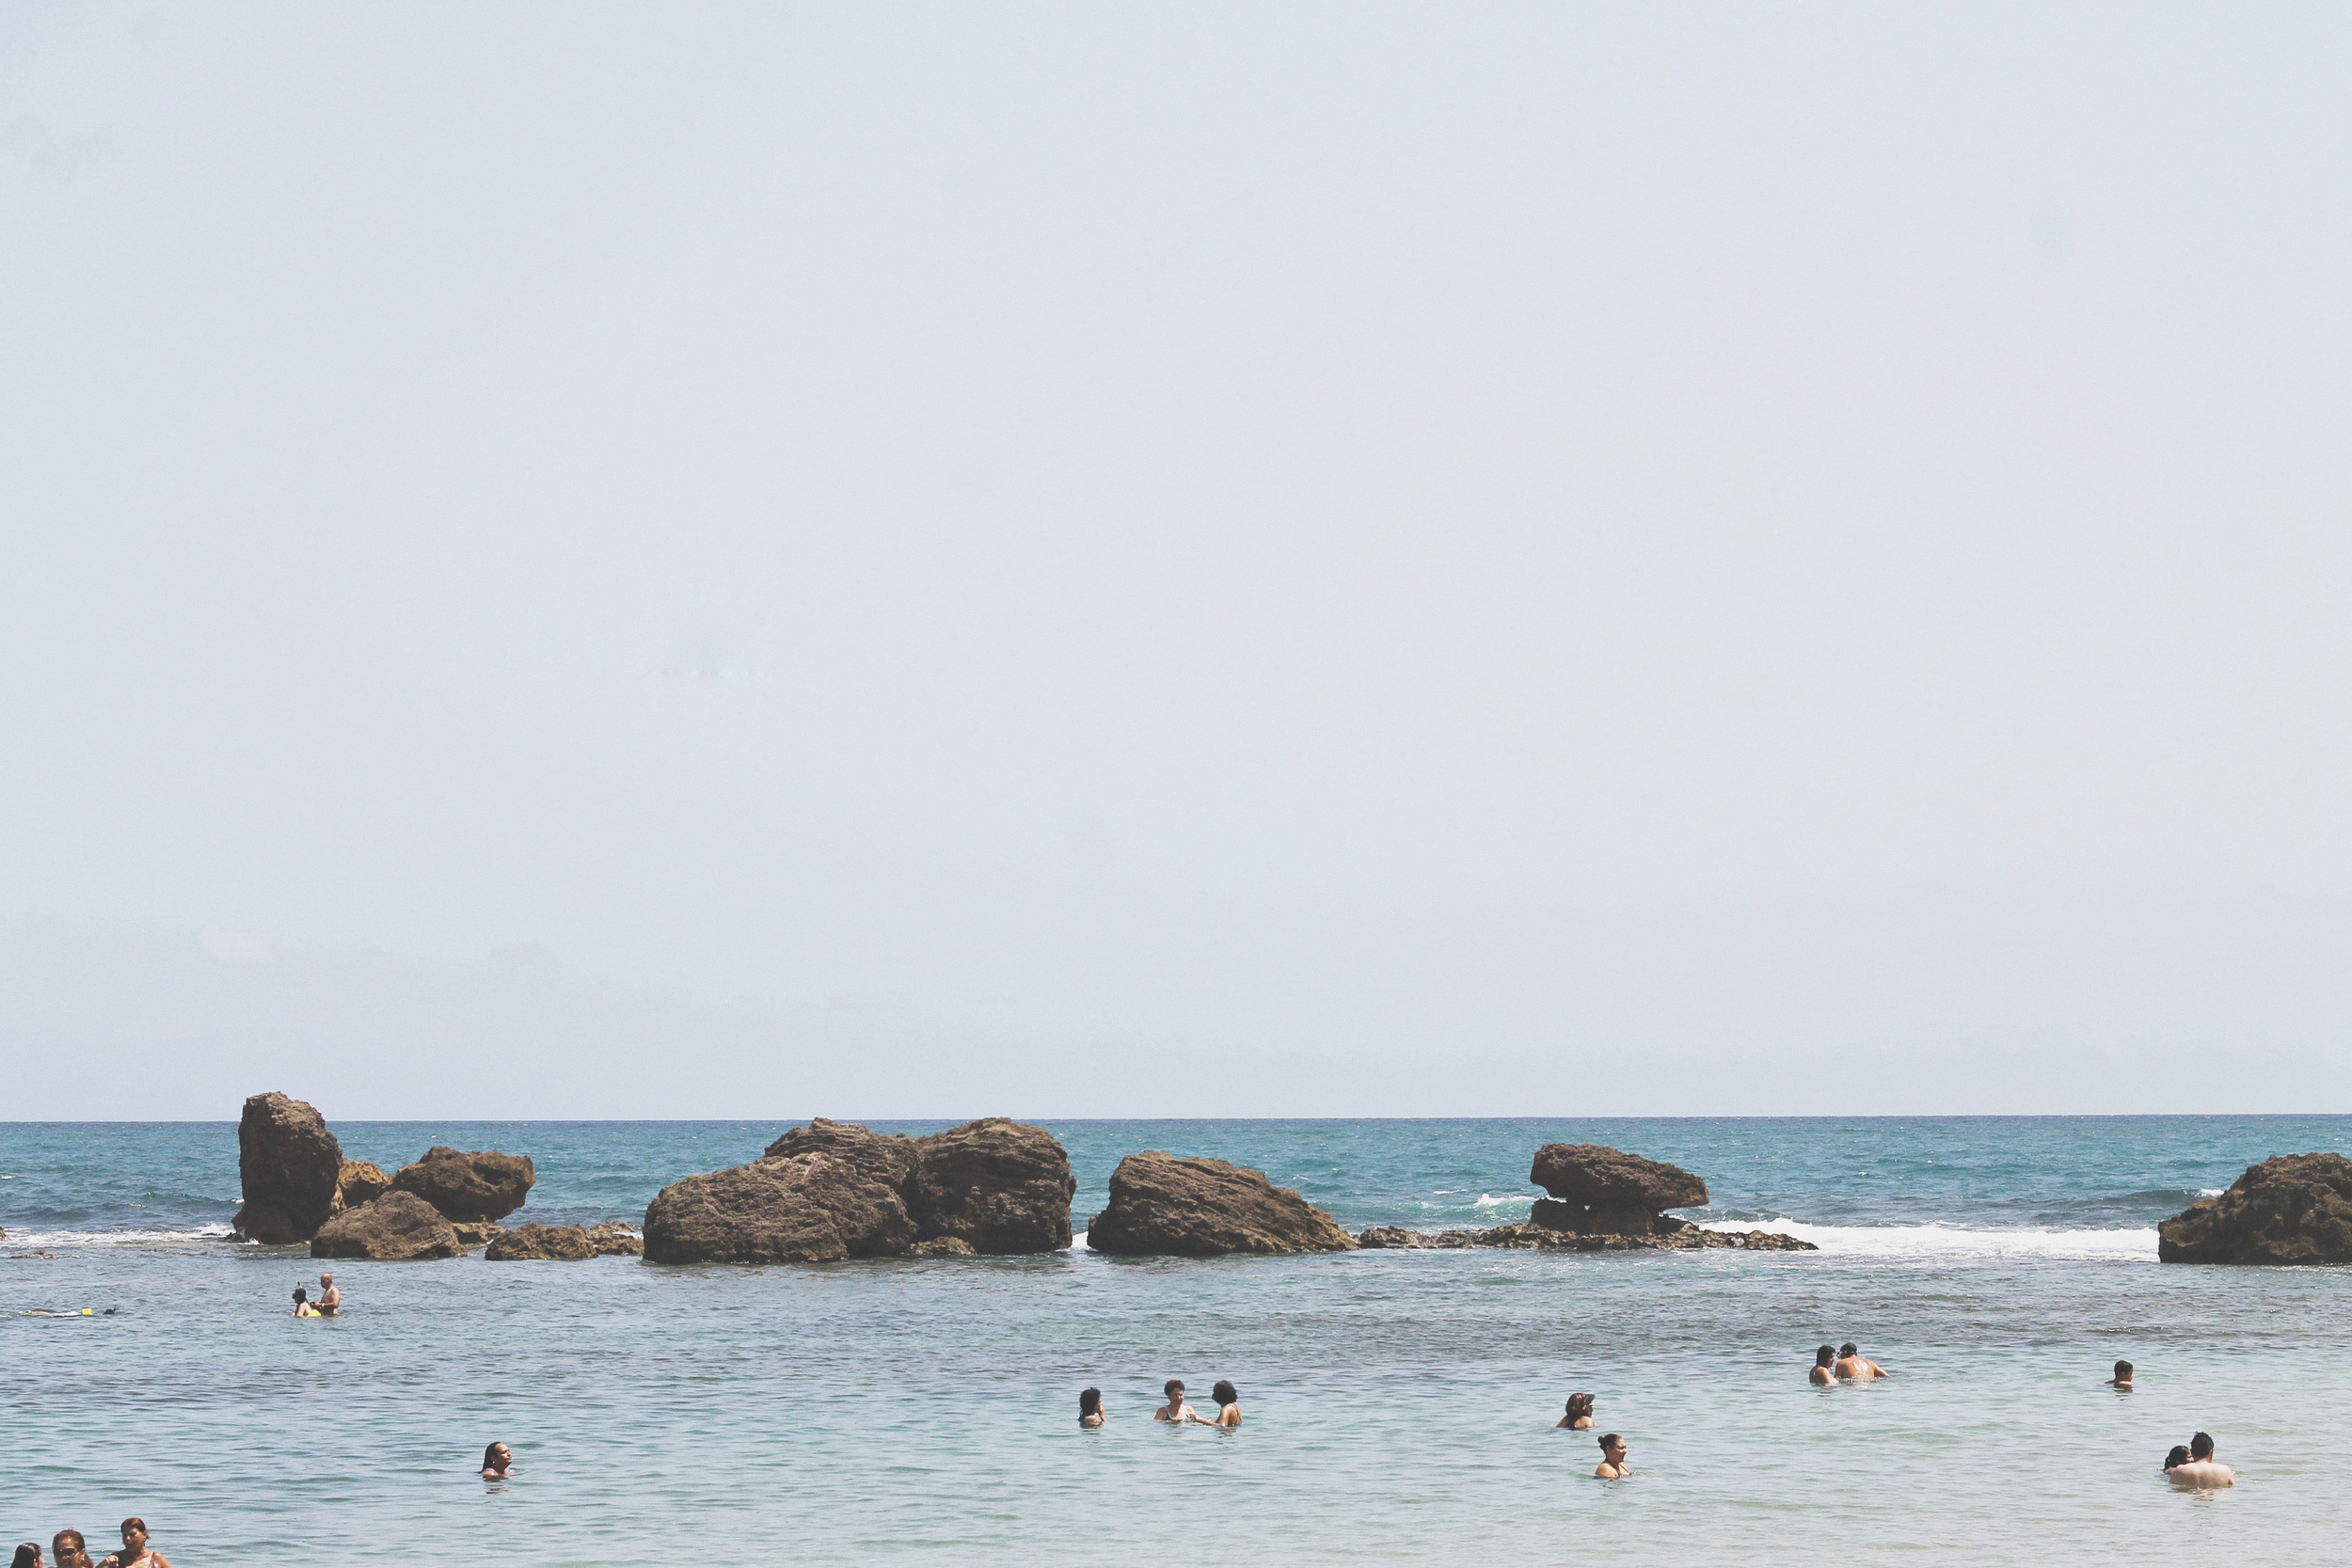 ocean park puerto rico | via: bekuh b.